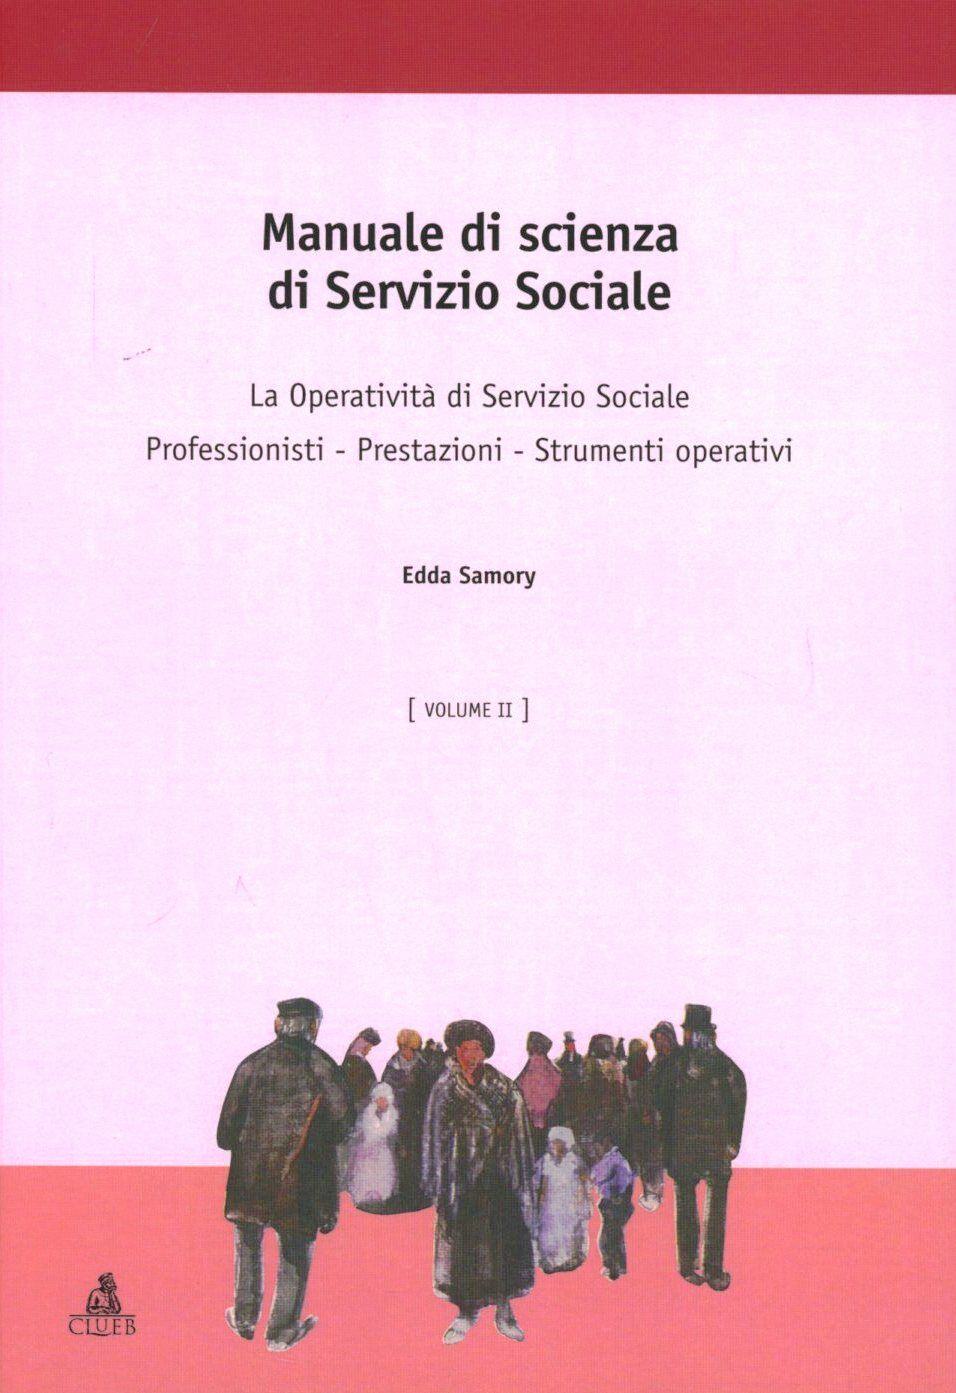 Manuale di scienza del servizio sociale. Vol. 2: La operatività di sevizio sociale. Professionisti. Prestazioni. Strumenti operativi.